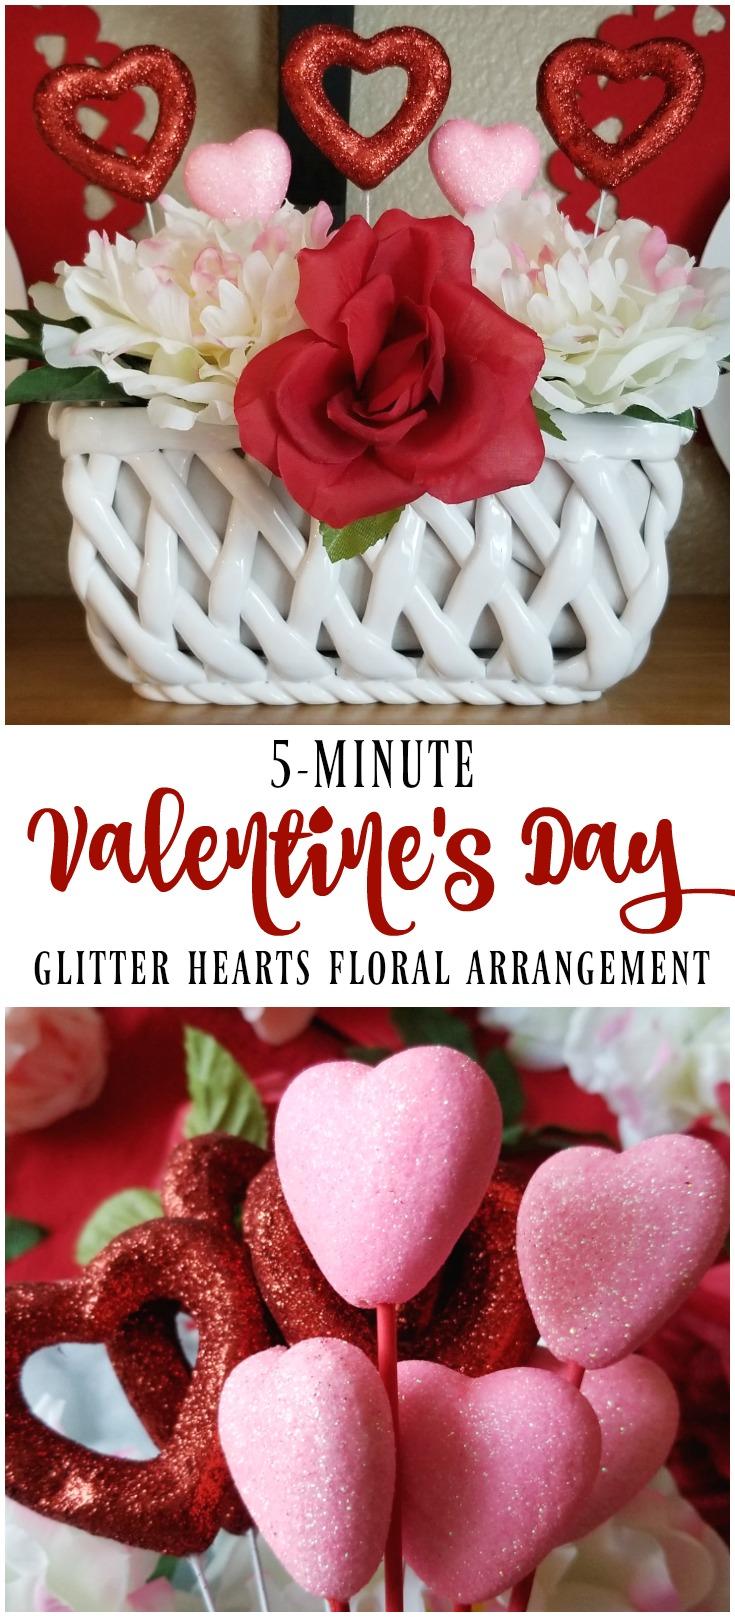 Valentine's Day Glitter Hearts Floral Arrangement